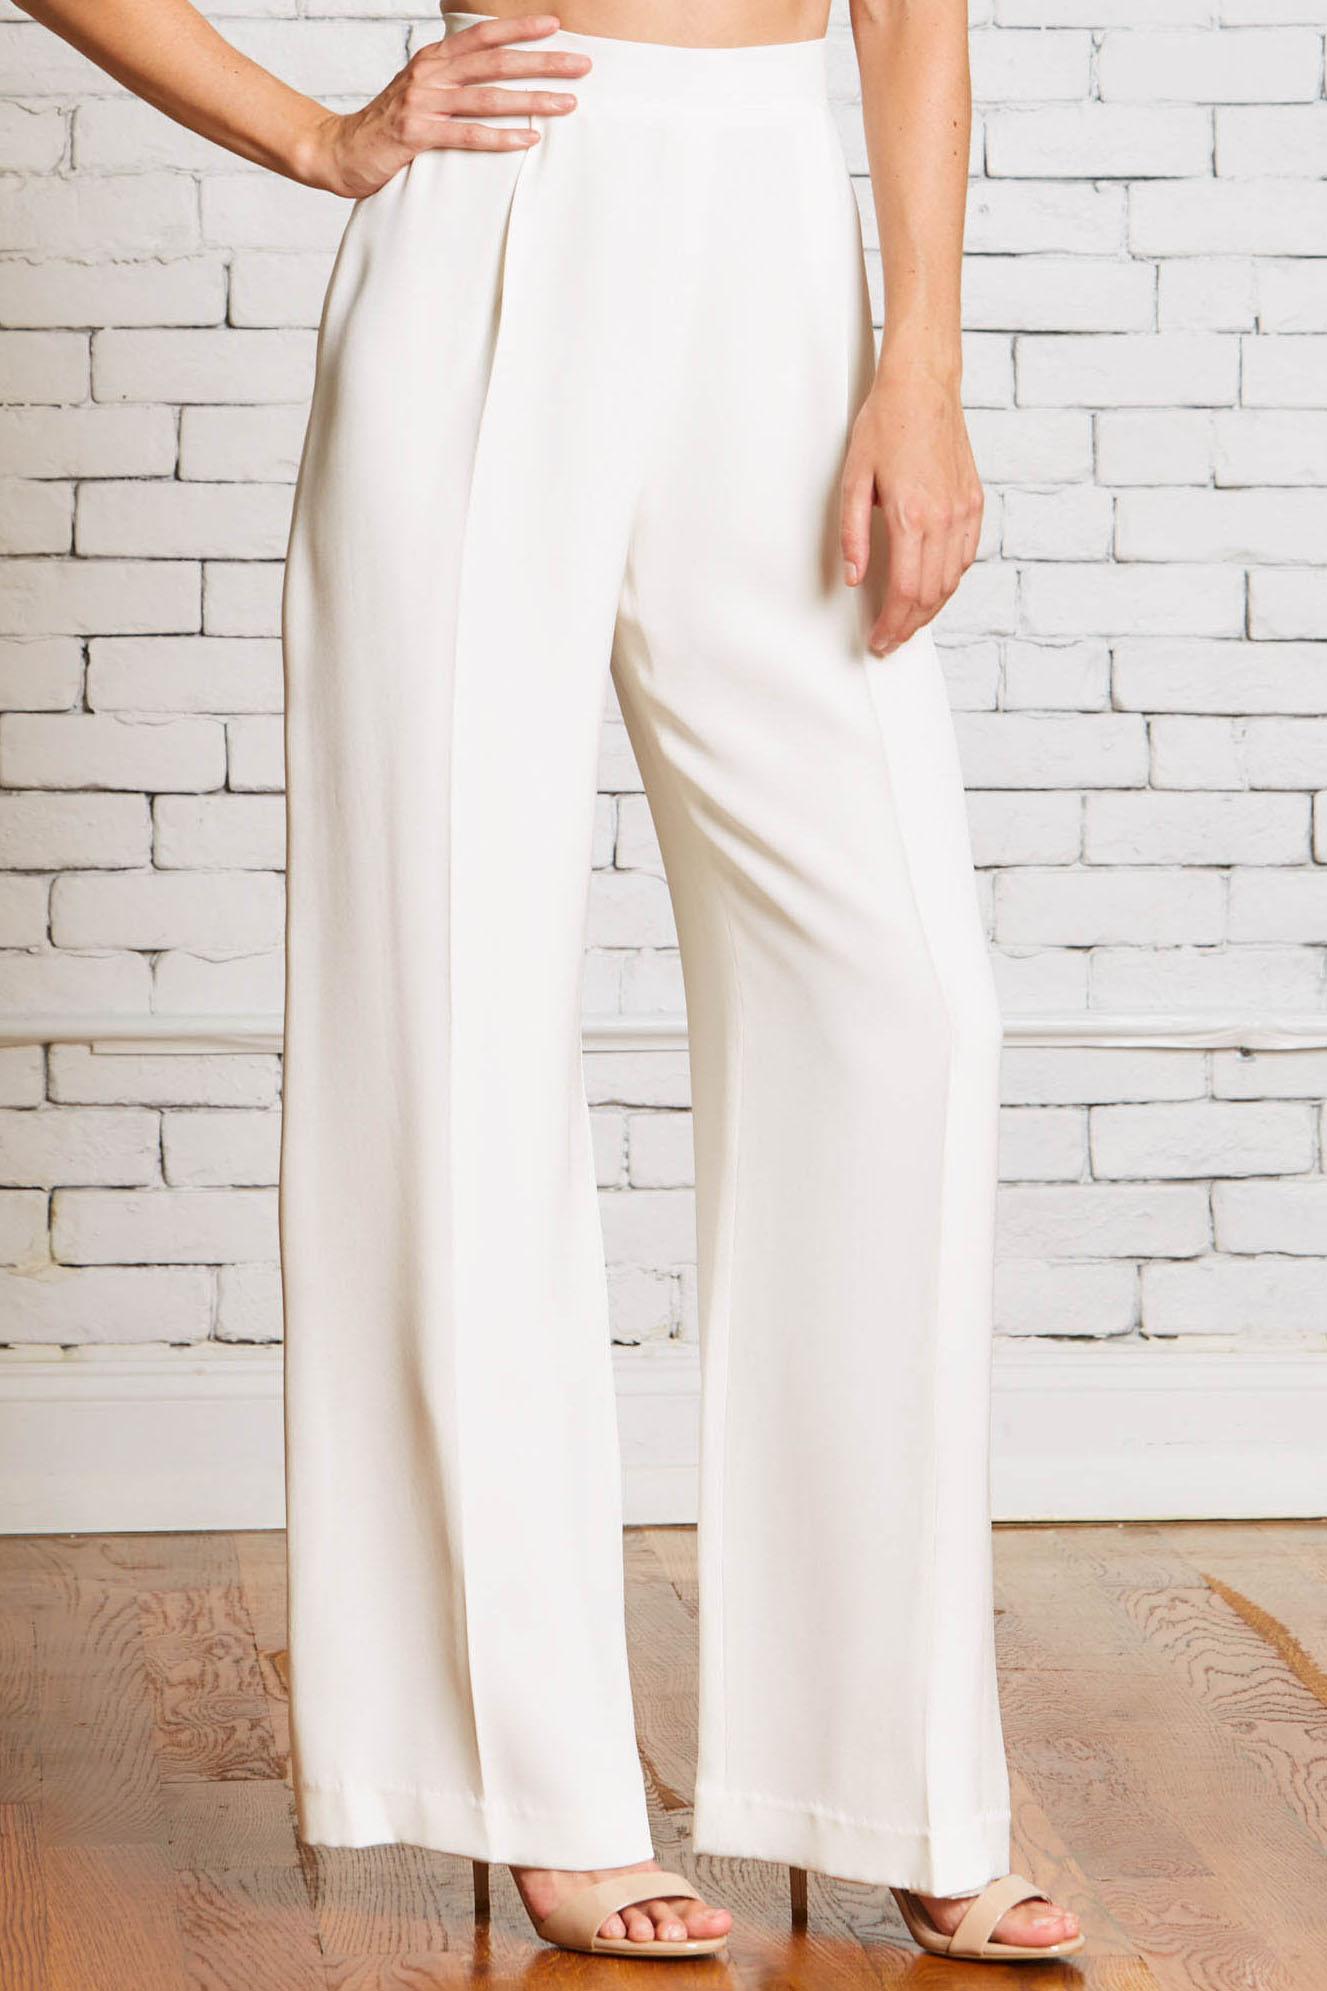 27a.Rebecca_Schoneveld_Camden_Trouser_Modern_Wedding_Look_Pants_High_waisted_style.jpg